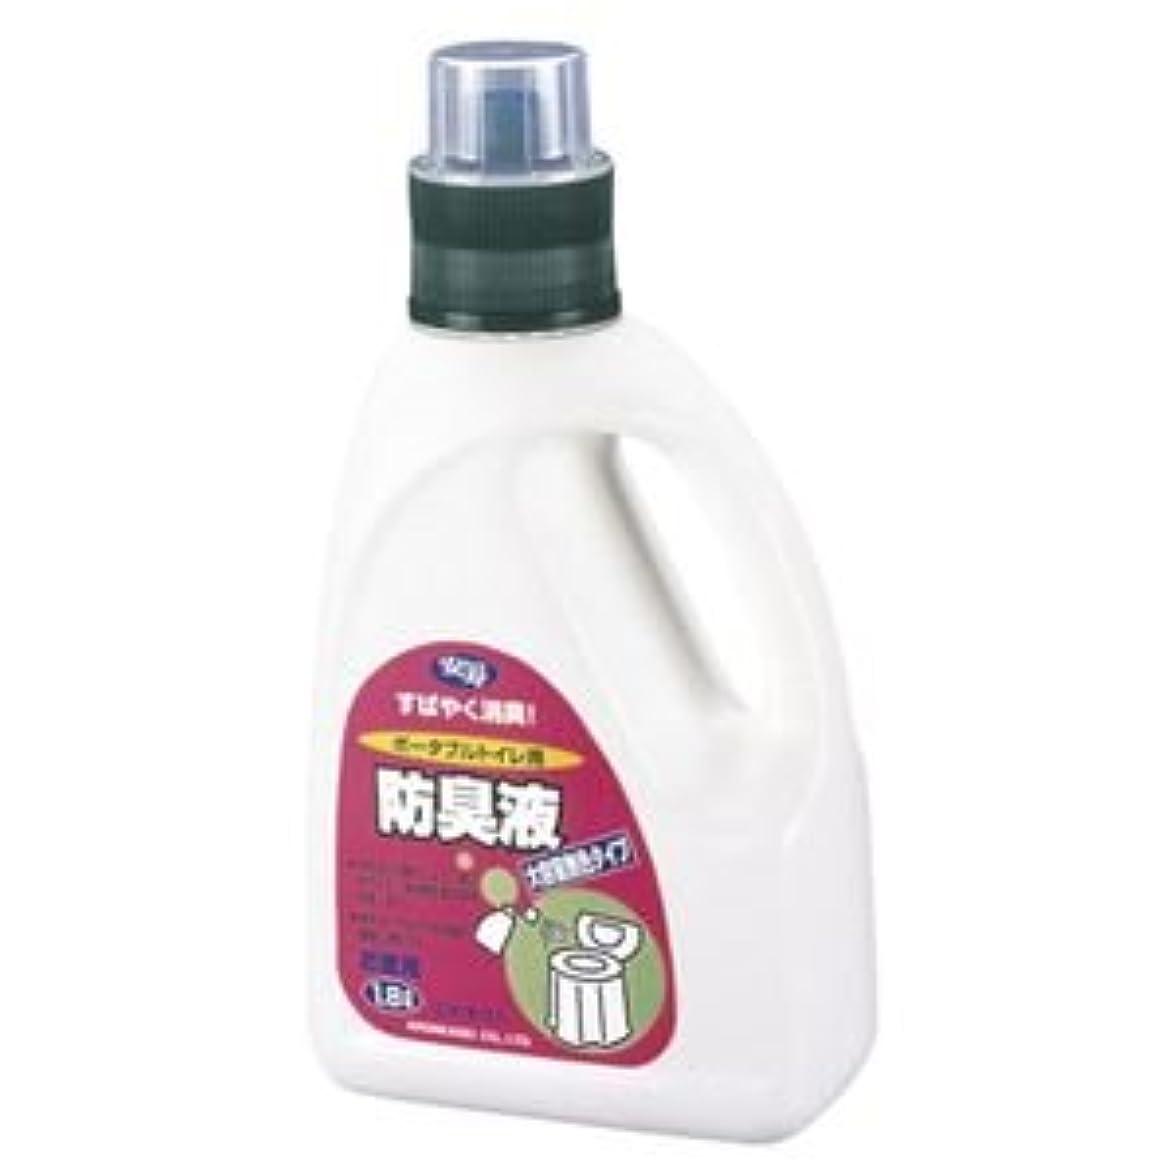 メーカーエピソード望ましいアロン化成 ポータブルトイレ用防臭液 大容量無色 ds-1915713